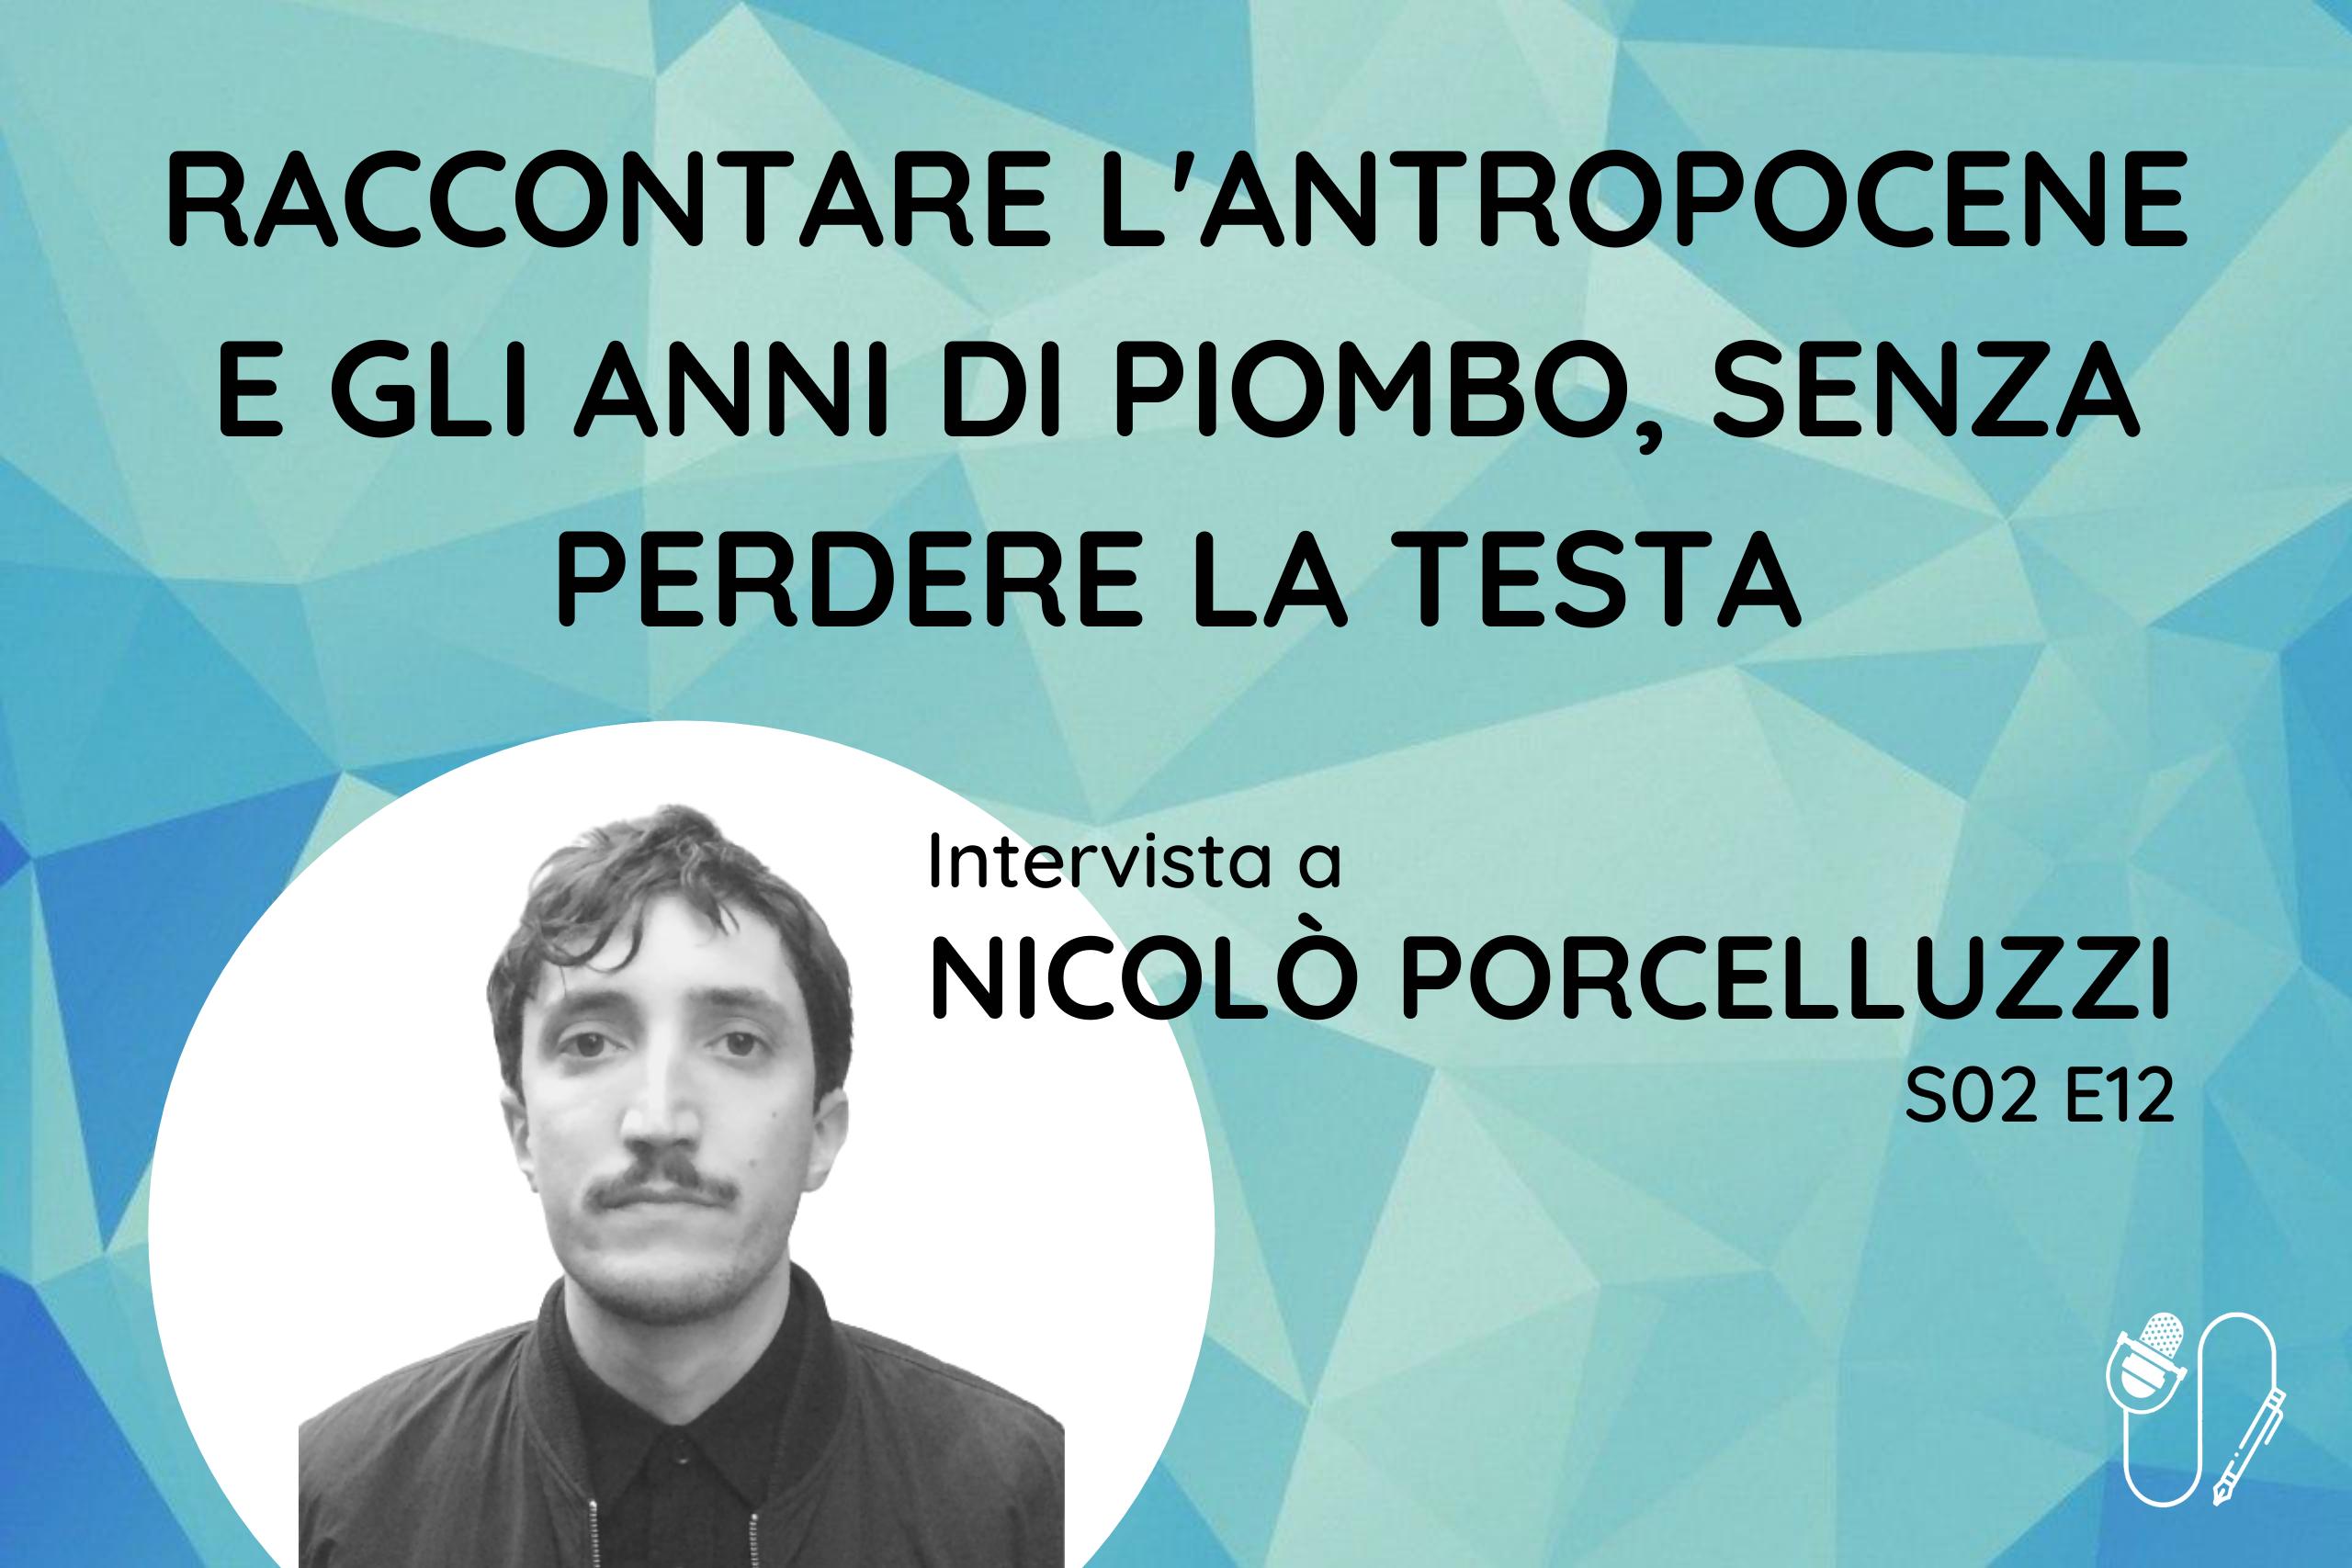 Nicolò Porcelluzzi